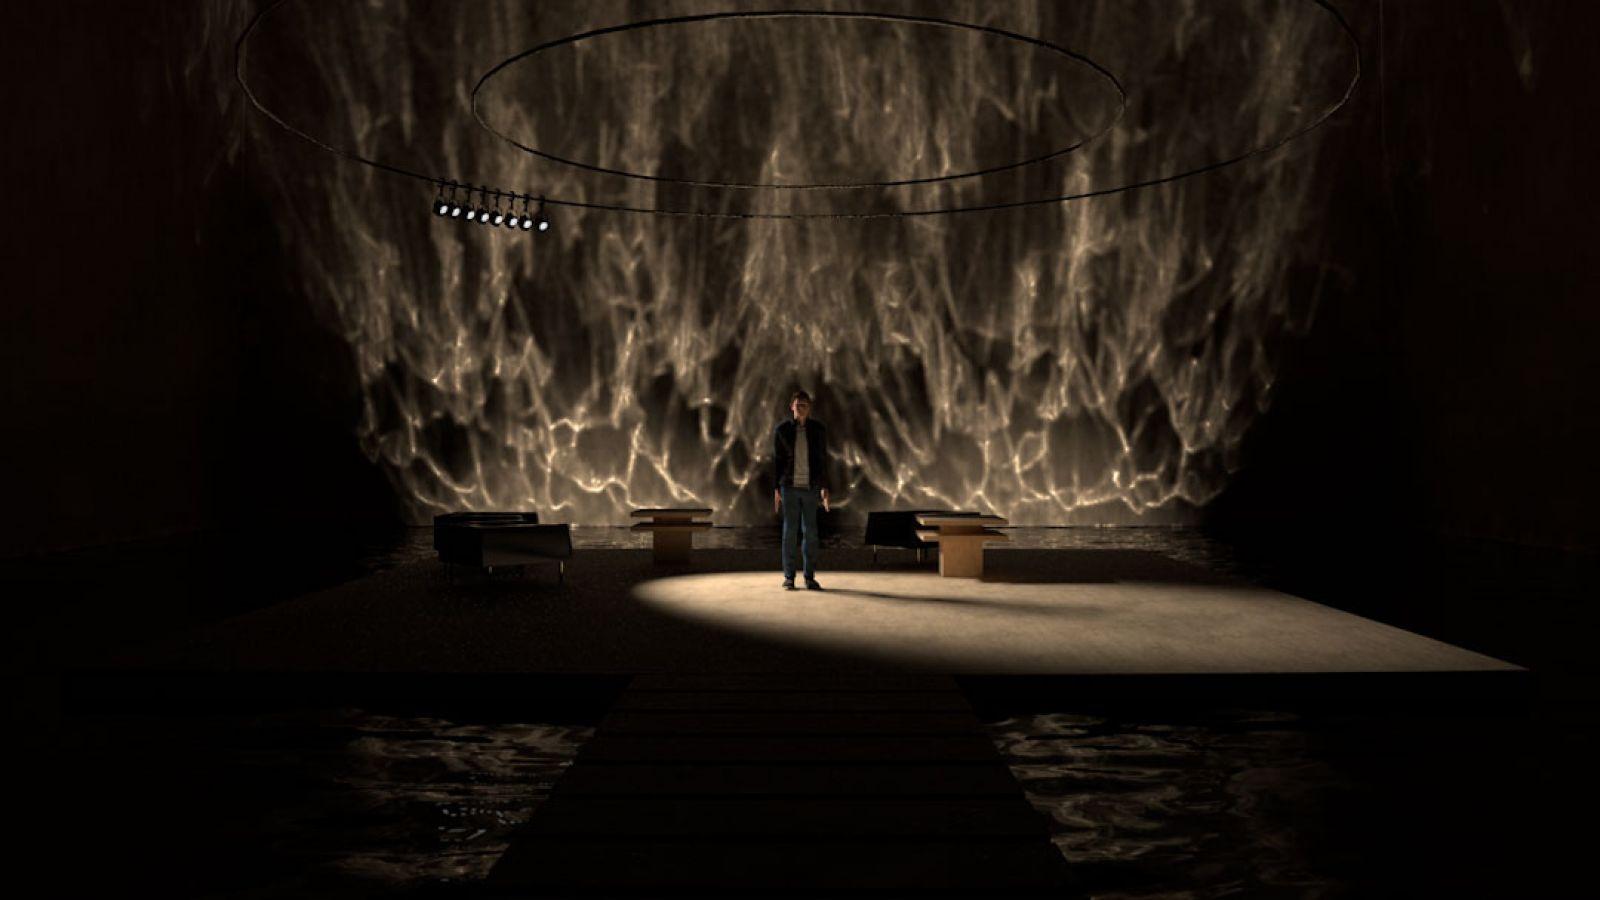 Enjoyable Blade Runner 2049 Lighting Diagrams Lighting Roger A Deakins Wiring Digital Resources Pelapslowmaporg